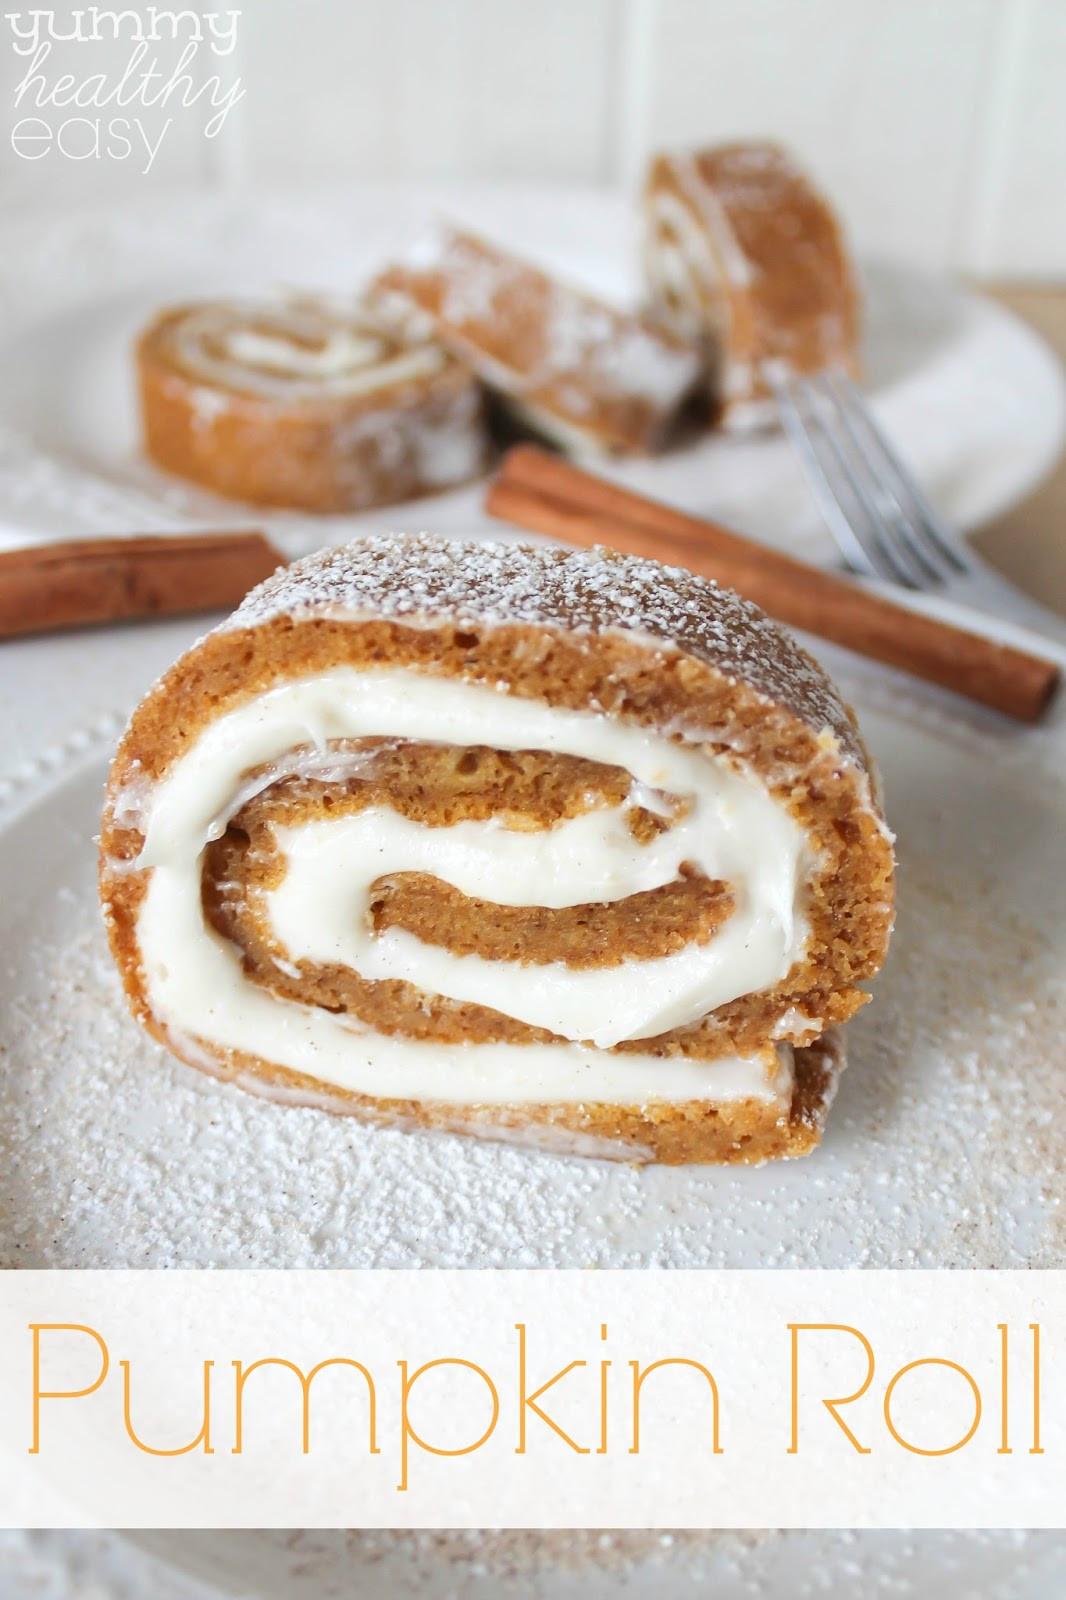 Pumpkin Desserts Healthy  Easy Pumpkin Roll Dessert Yummy Healthy Easy